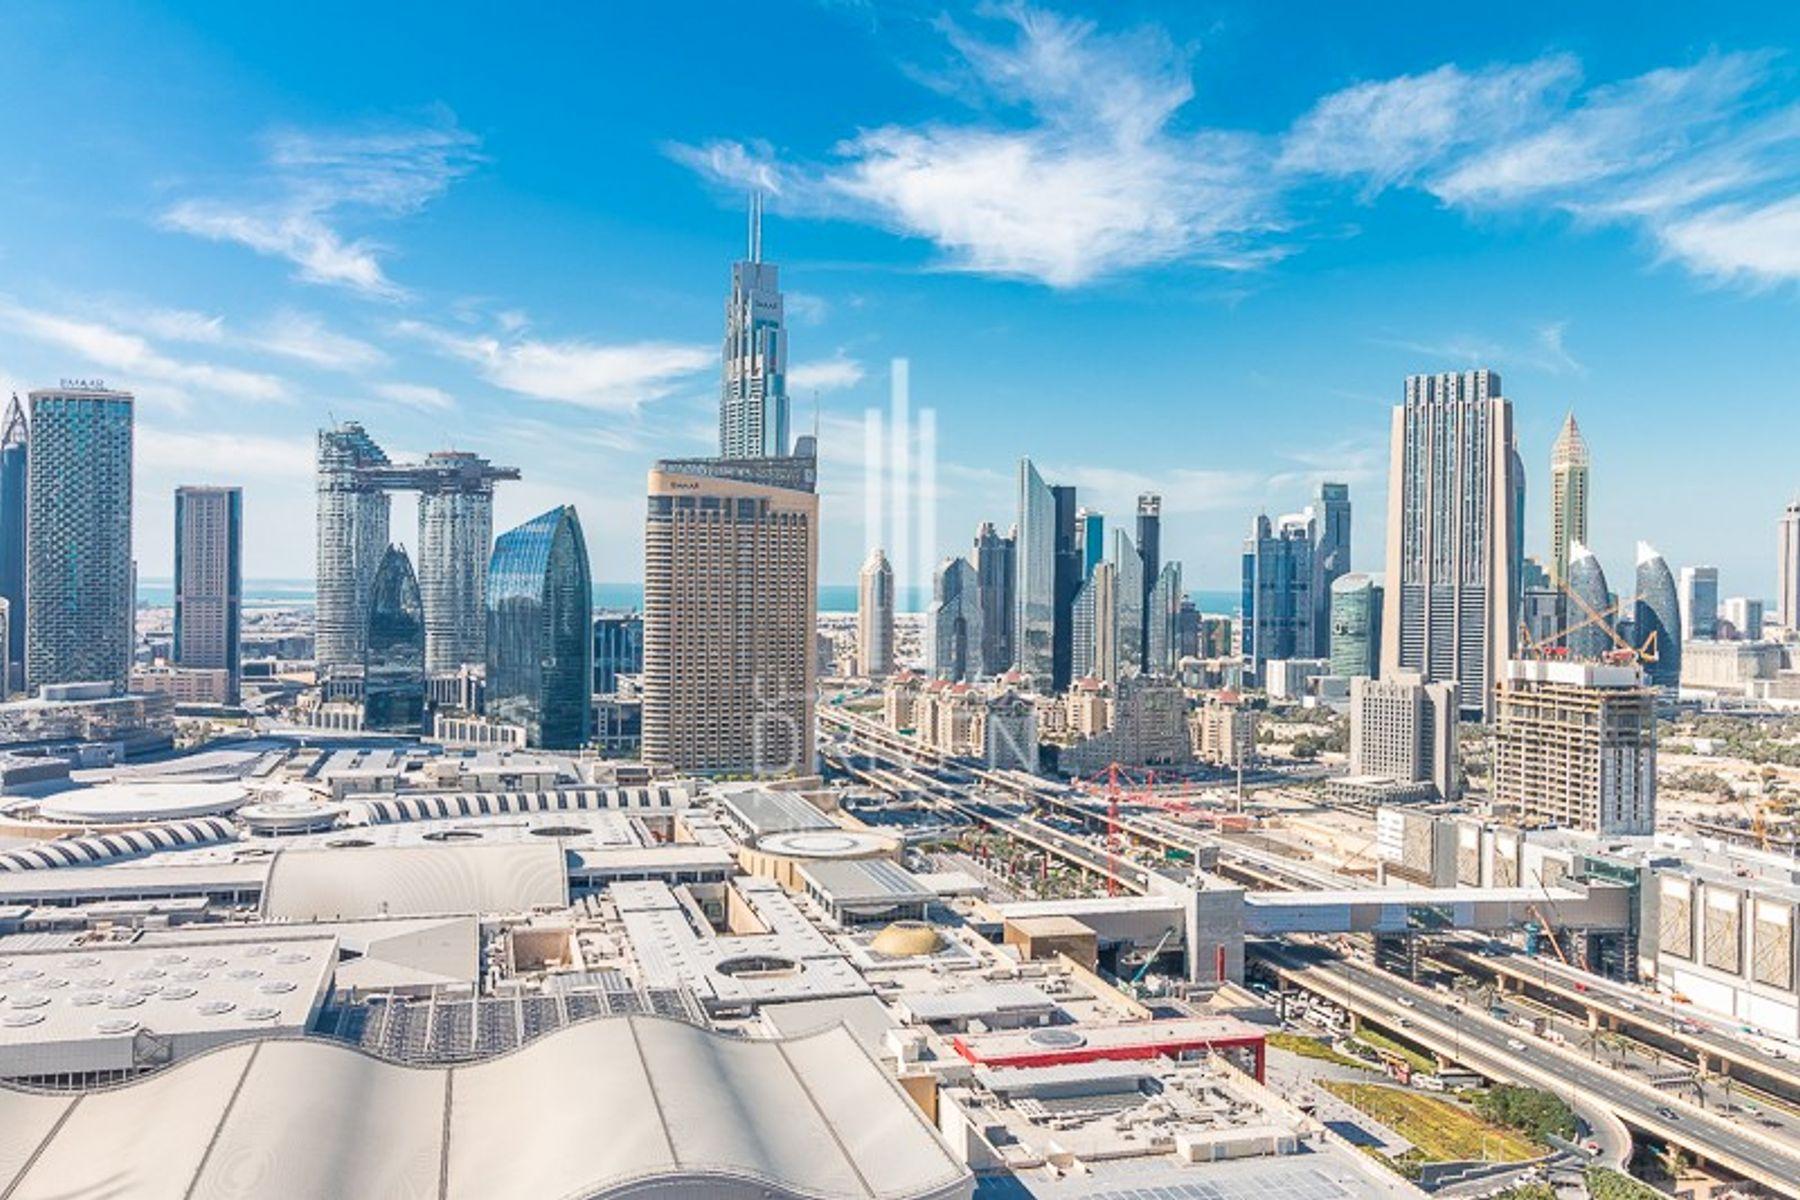 للبيع - شقة - العنوان رزيدنس فاونتن فيوز 1 - دبي وسط المدينة